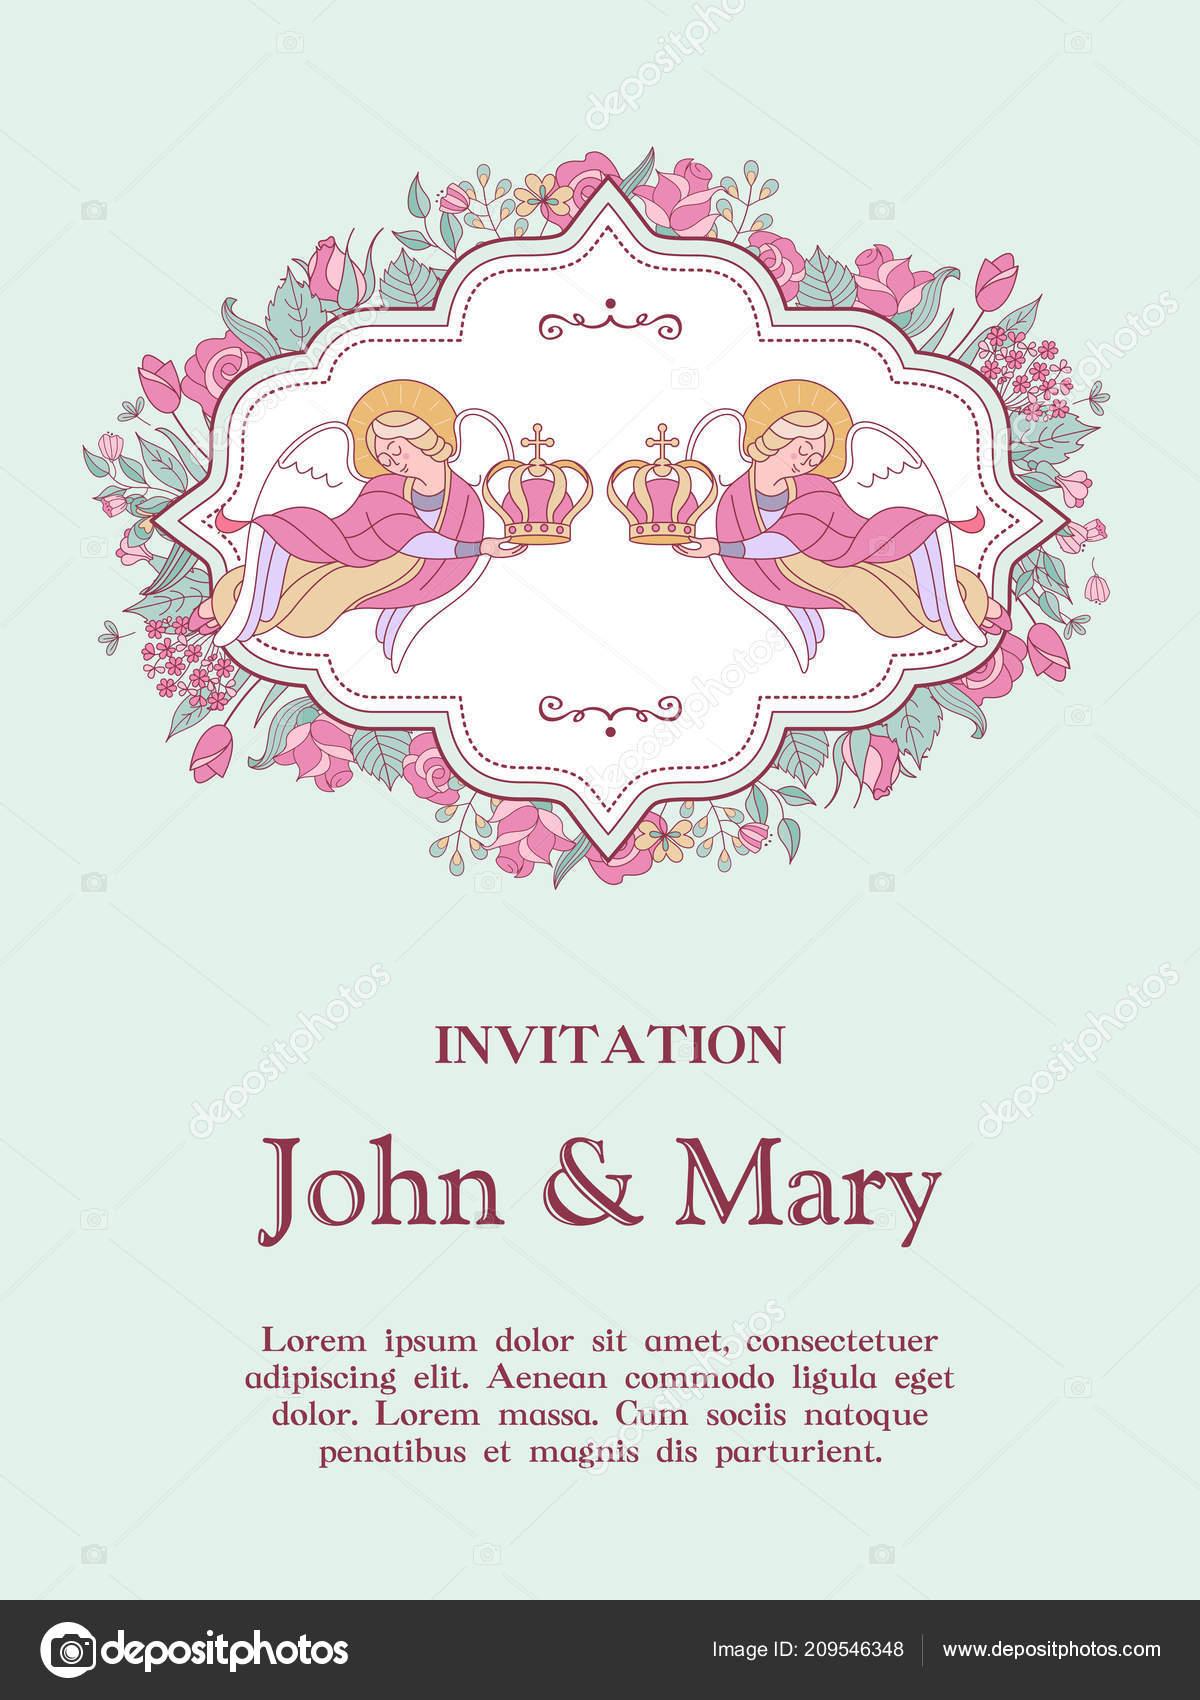 Glucklich Hochzeiten Hochzeitskarte Hochzeitseinladung Zwei Engel